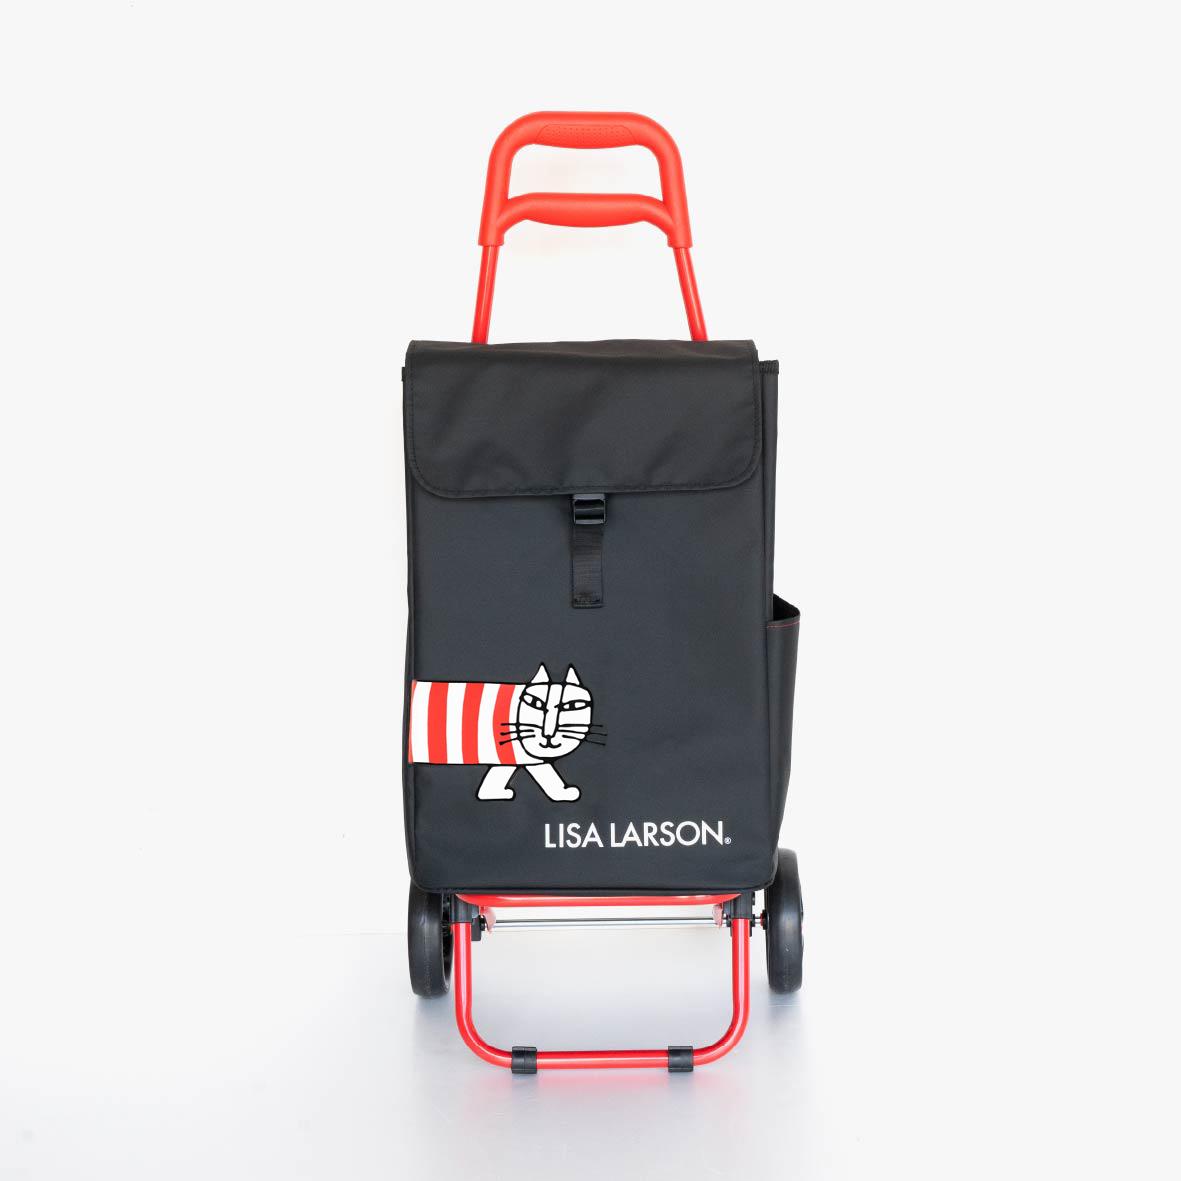 (Y)【2021年8月上旬以降順次出荷予定】保温・保冷ショッピングカート(マイキー ・レッド)